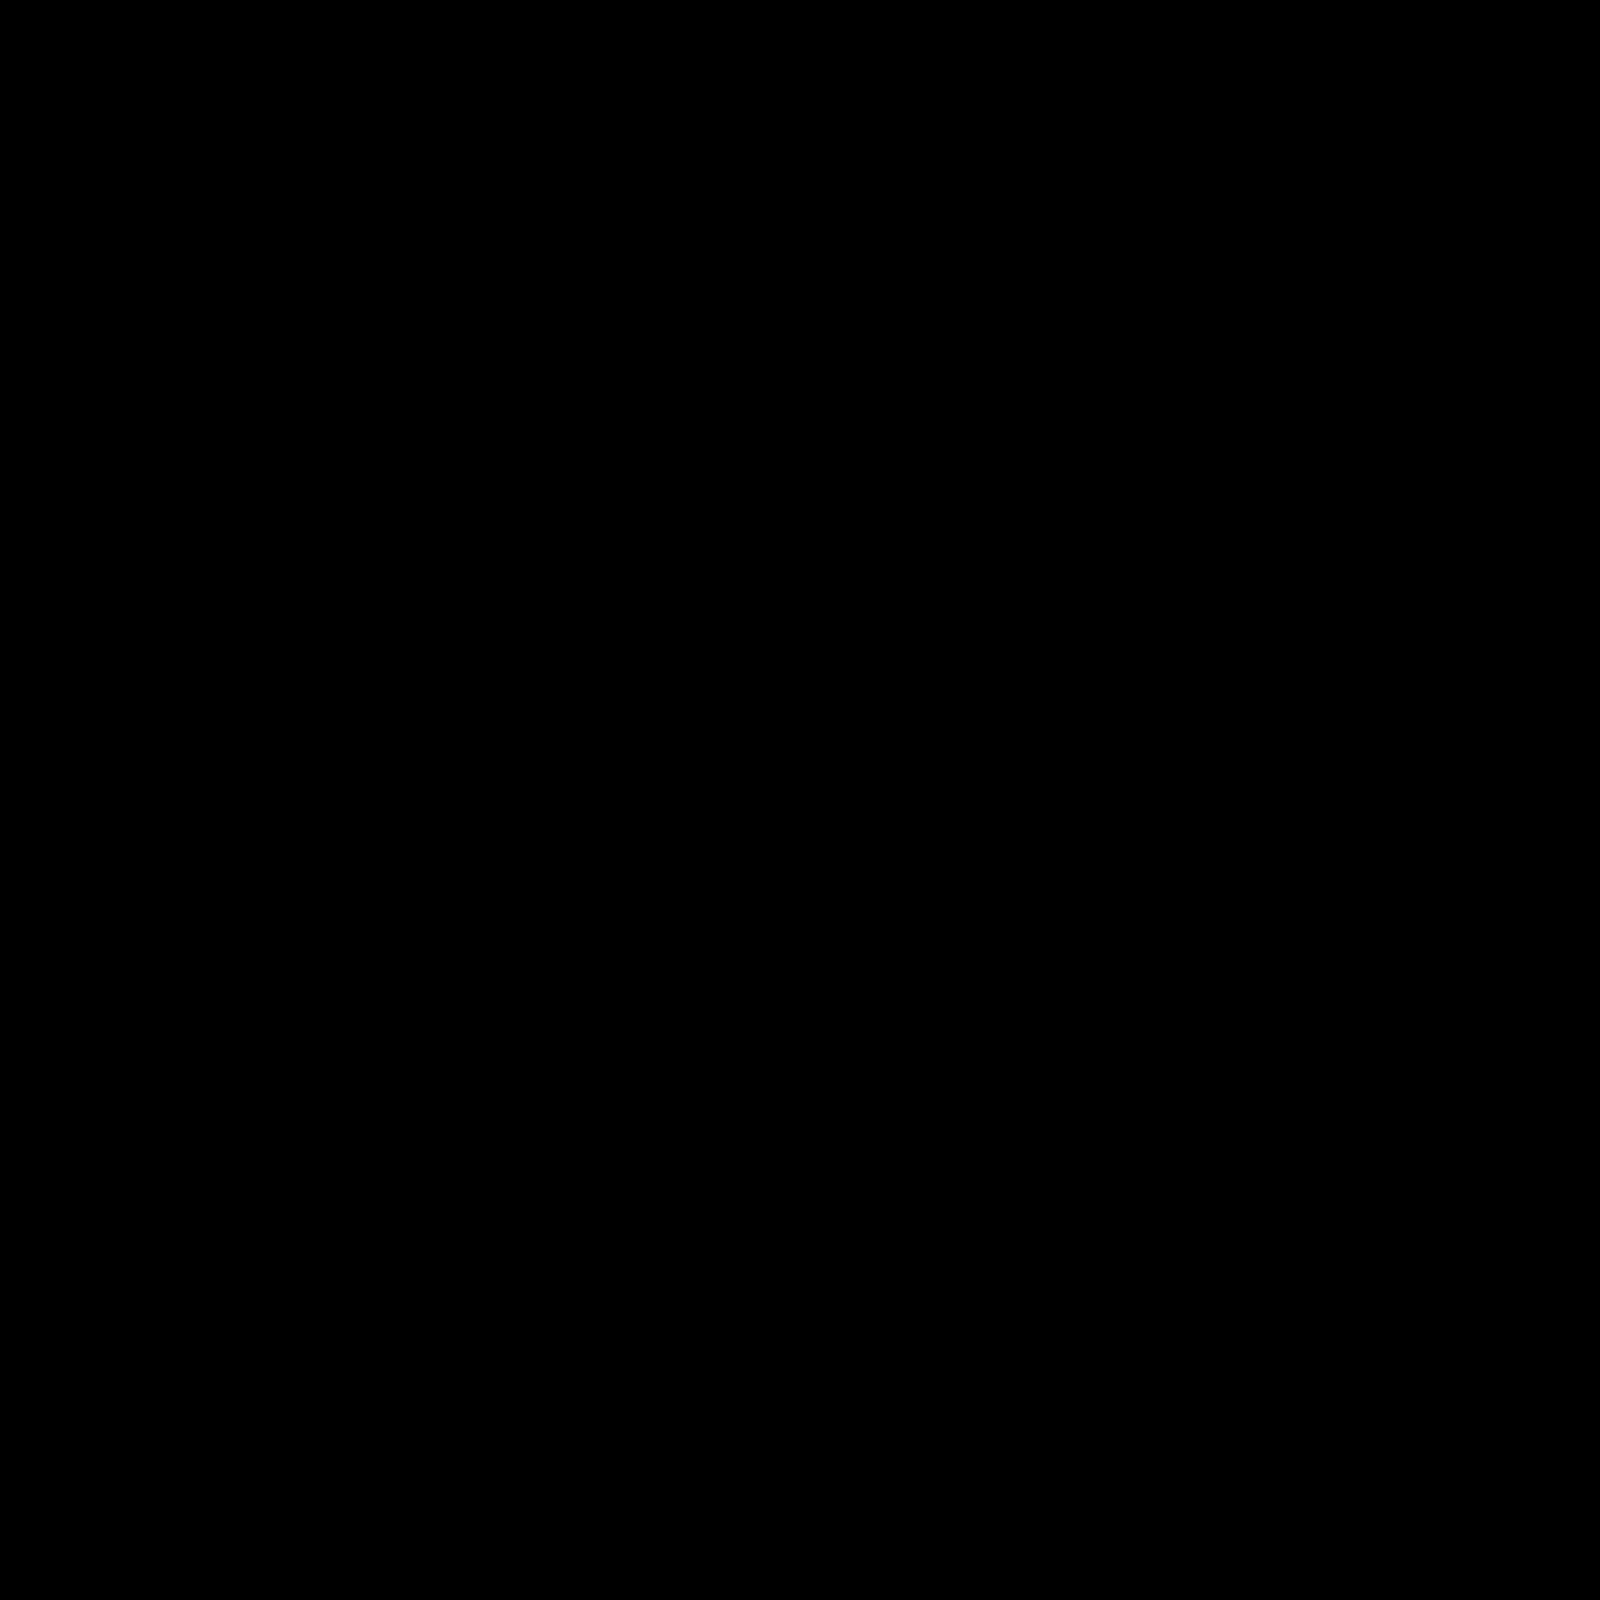 Doorway icon